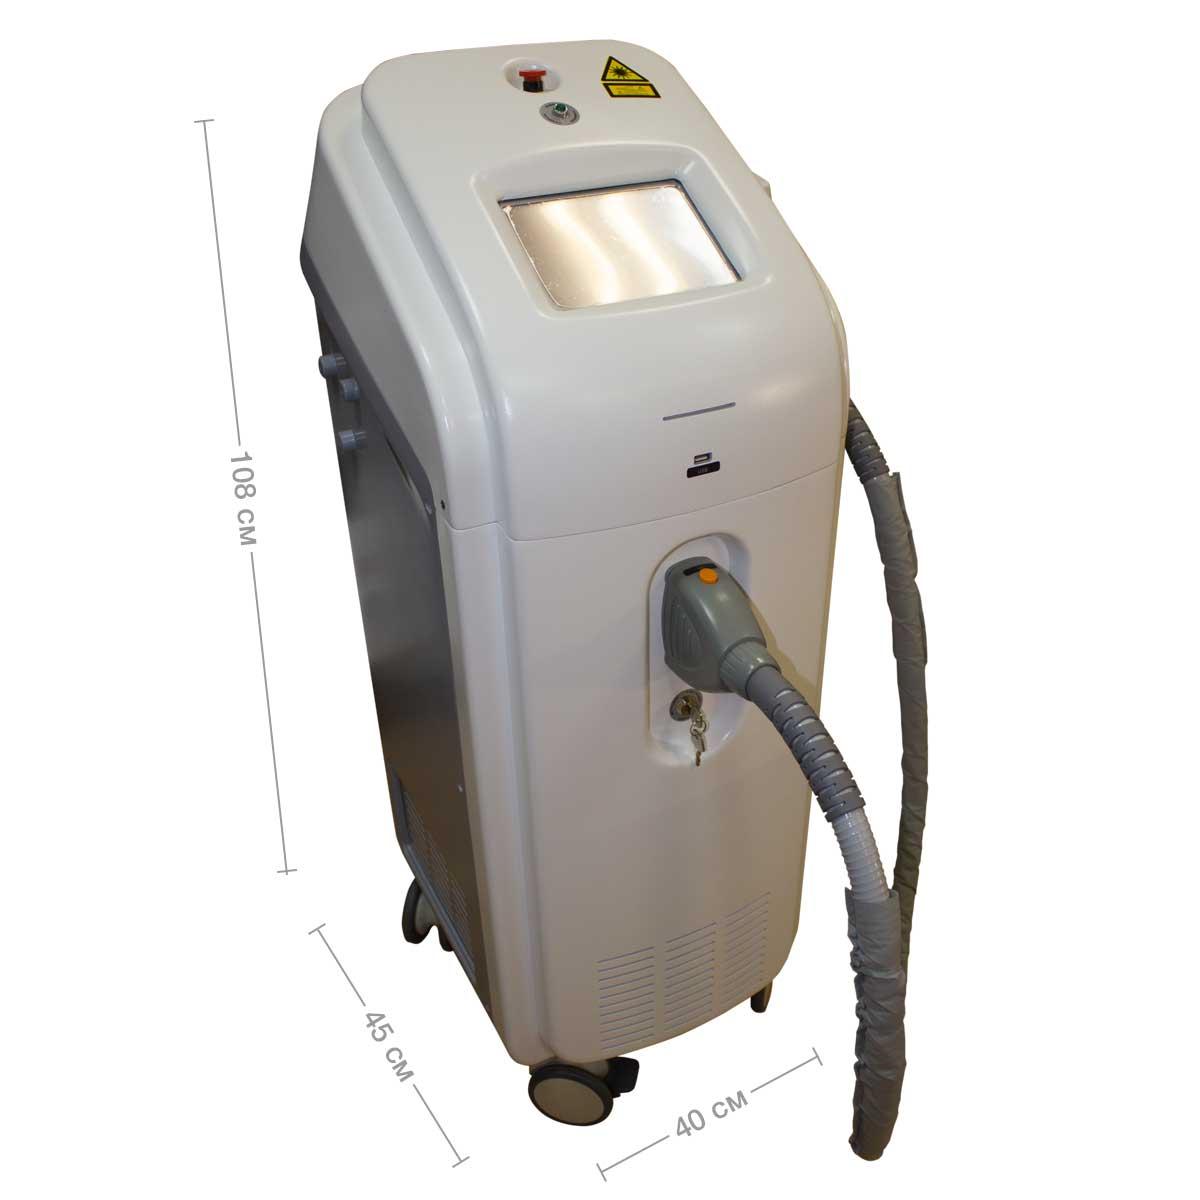 Цена неодимового лазера для удаления татуировок